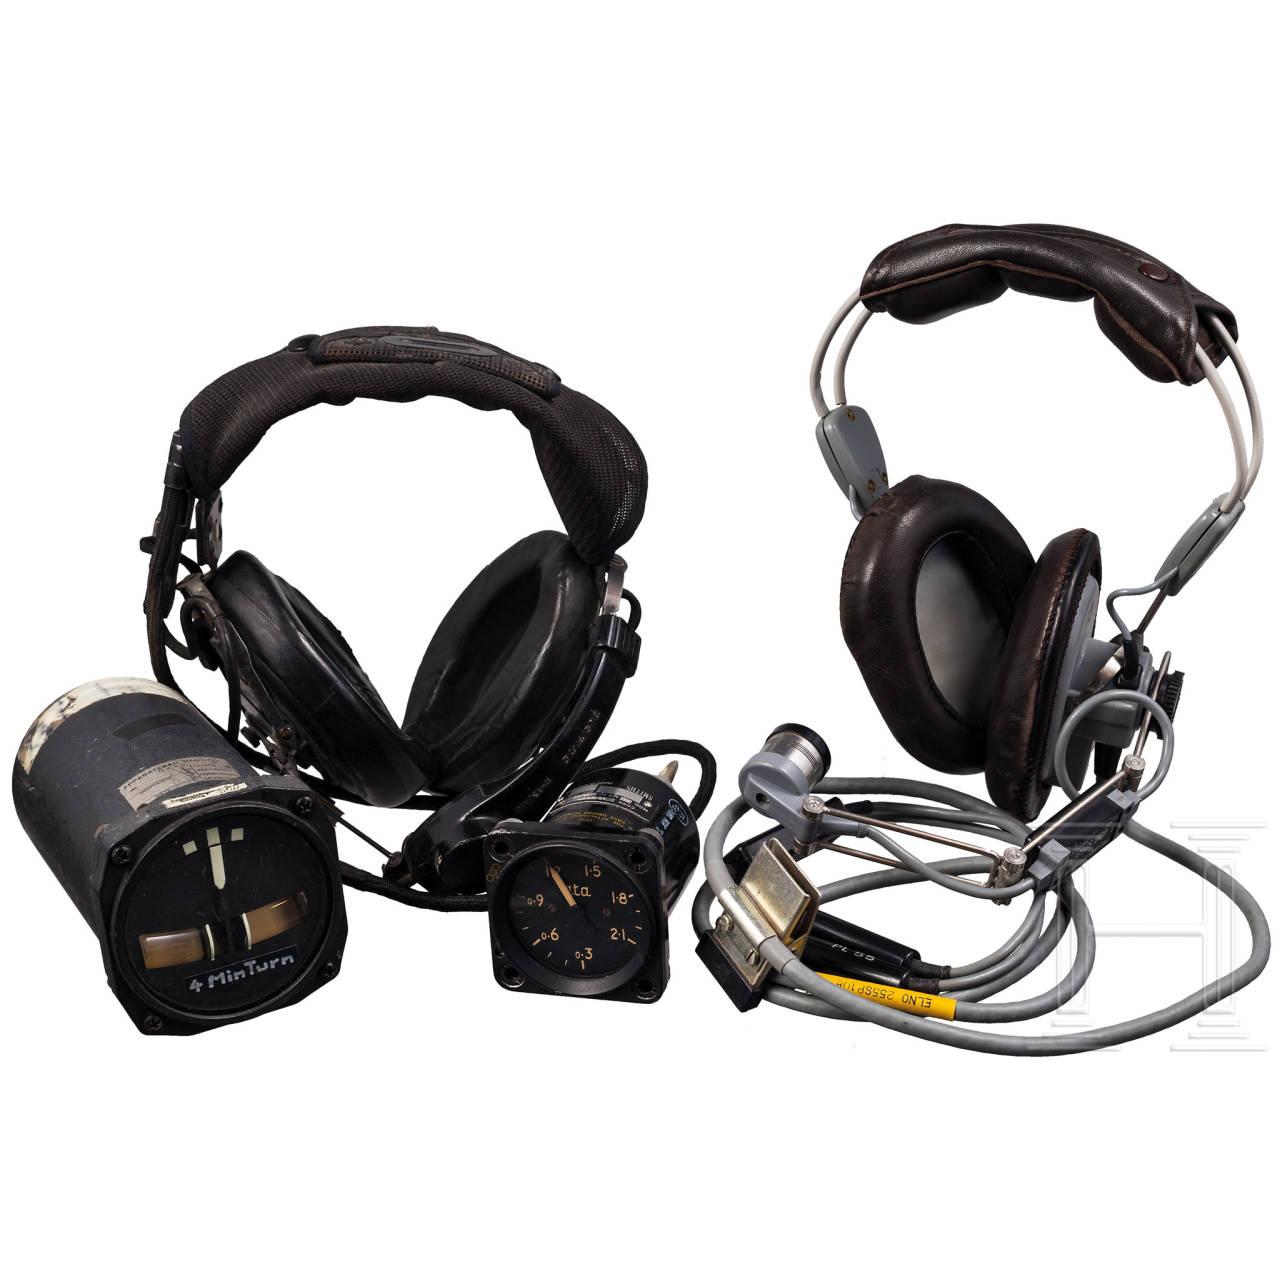 Zwei Headsets, zwei Bordinstrumente, teilweise britisch, 2. Hälfte 20. Jhdt.